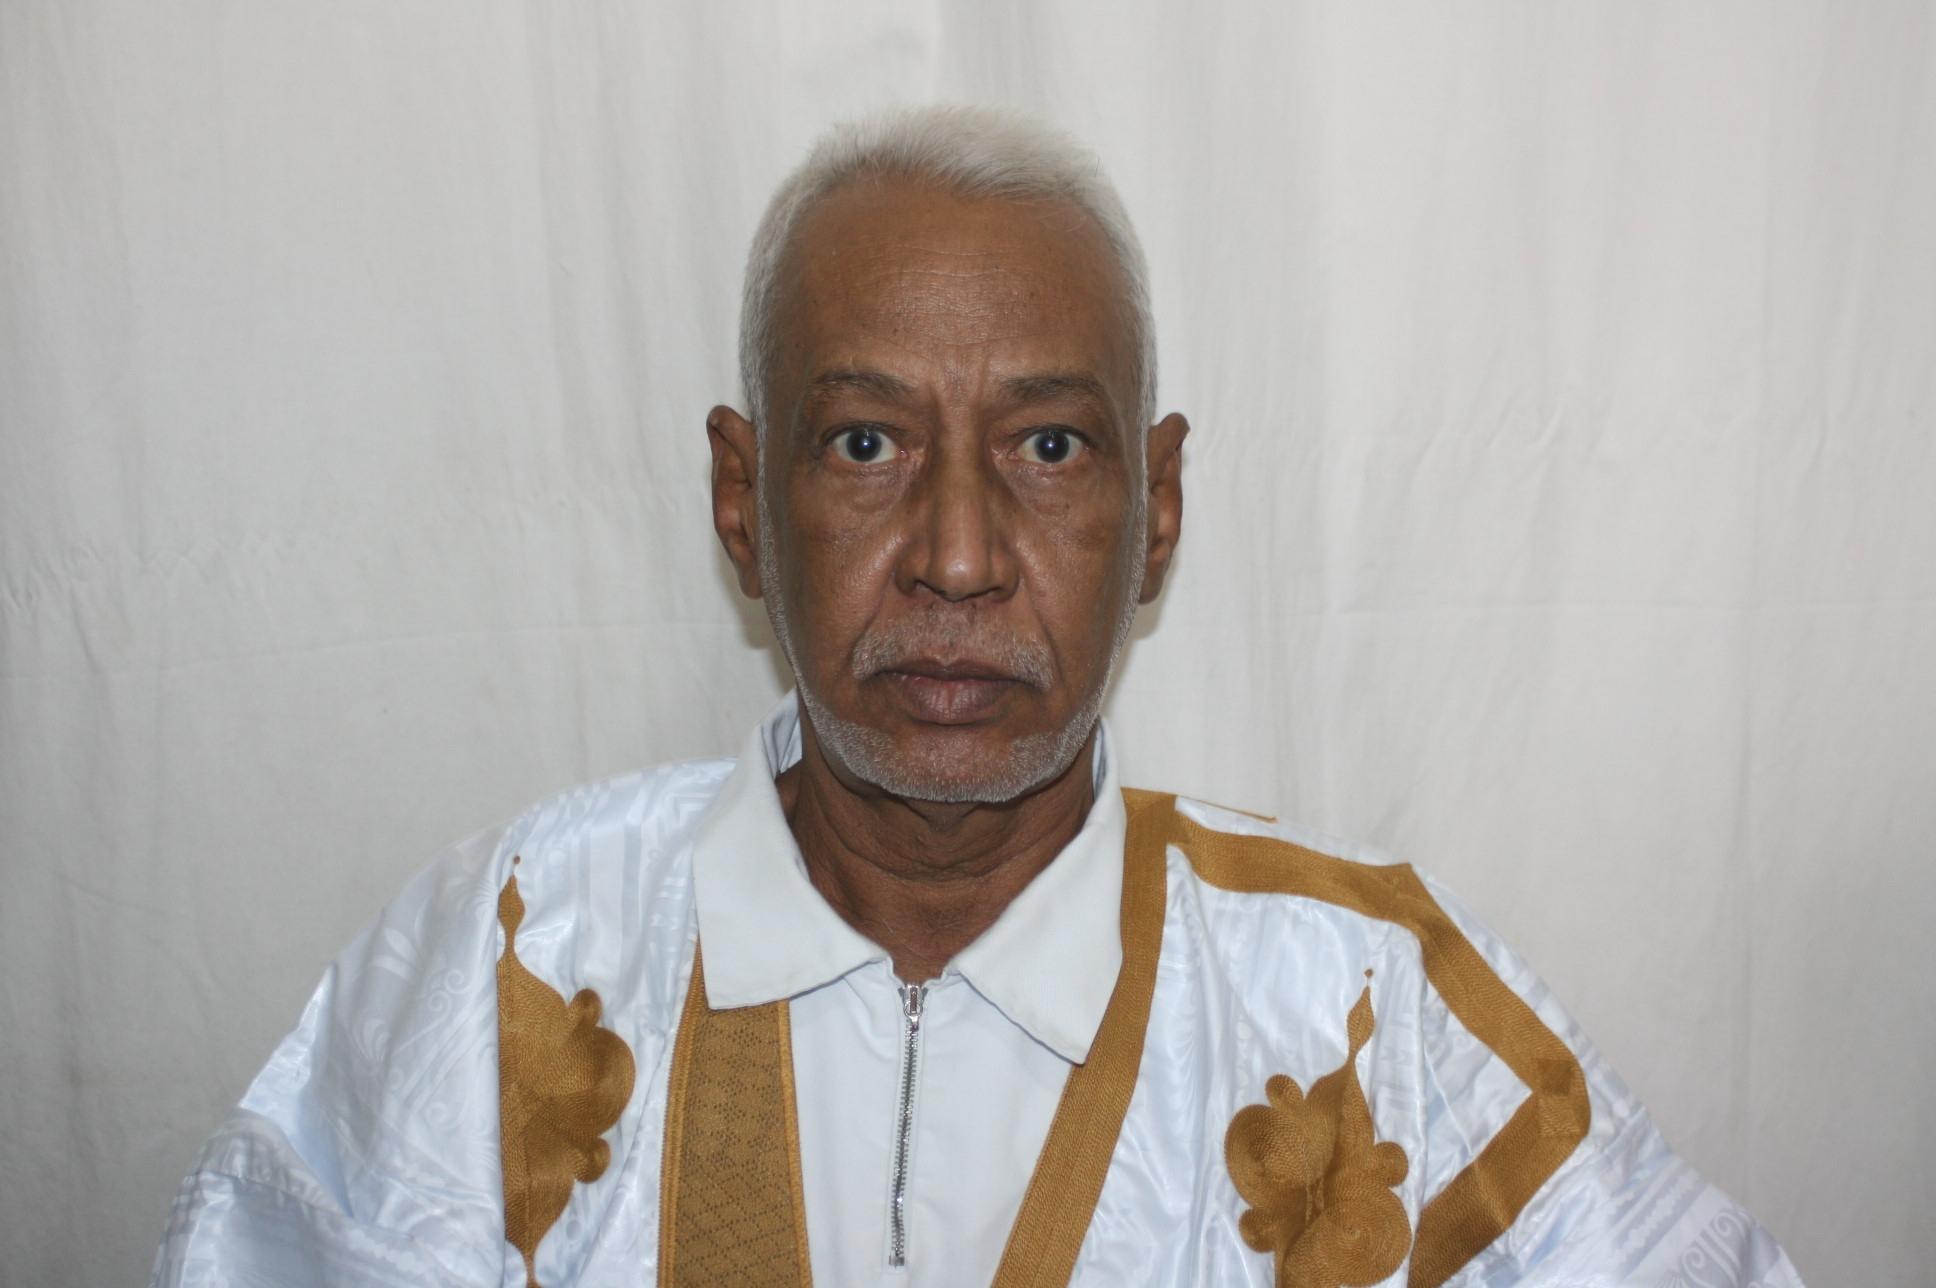 رئيس منتدى الحوار الإسلامي محمد ولد موسى ولد الشيخ سيديا